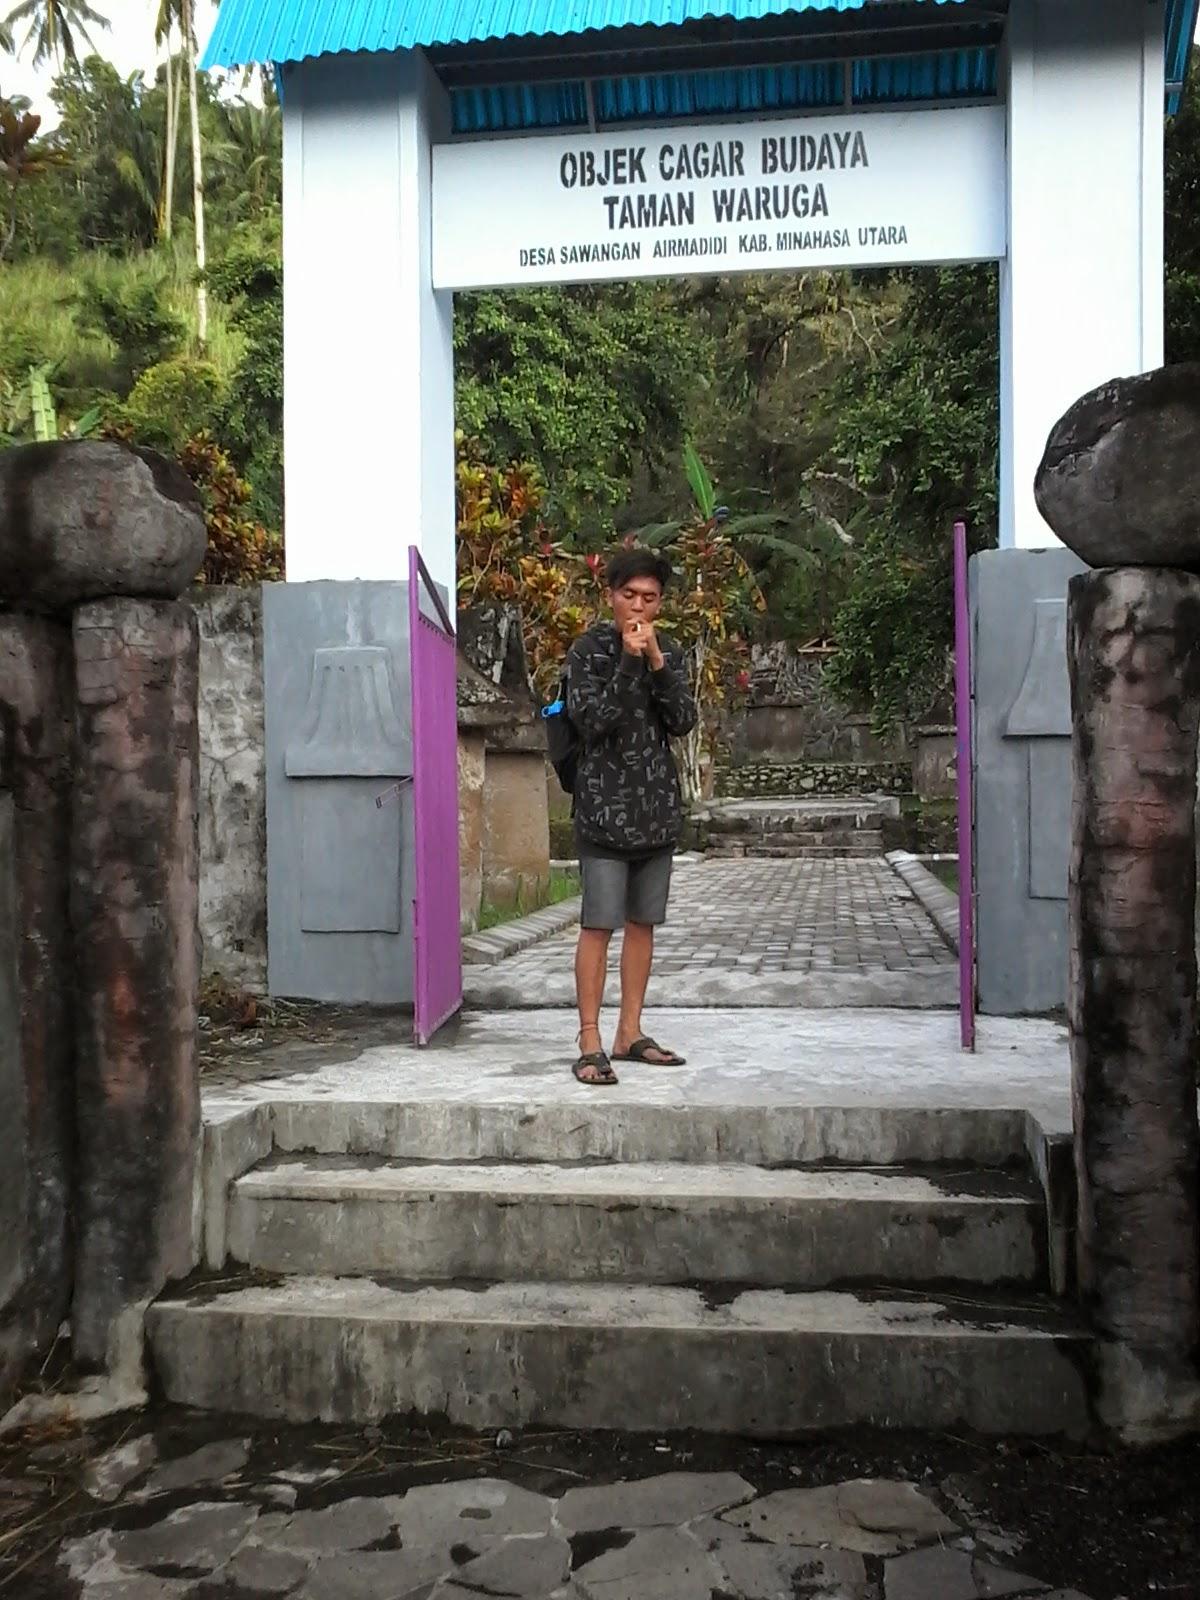 Taman Waruga Desa Sawangan Tombatu Tonsawang Tuama Toundanouw Situs Kab